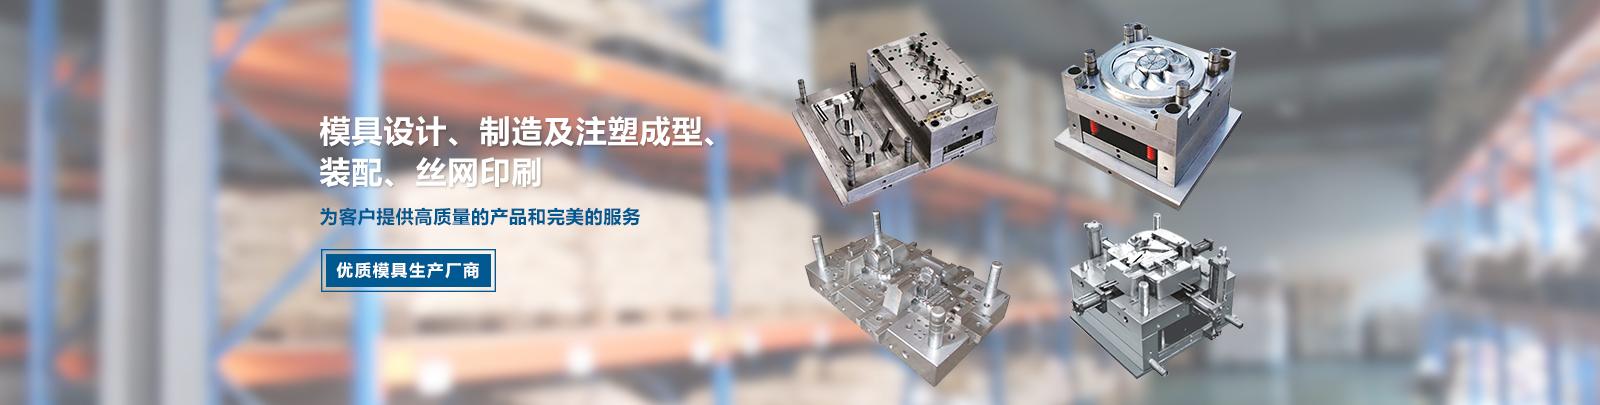 上海注塑模具设计